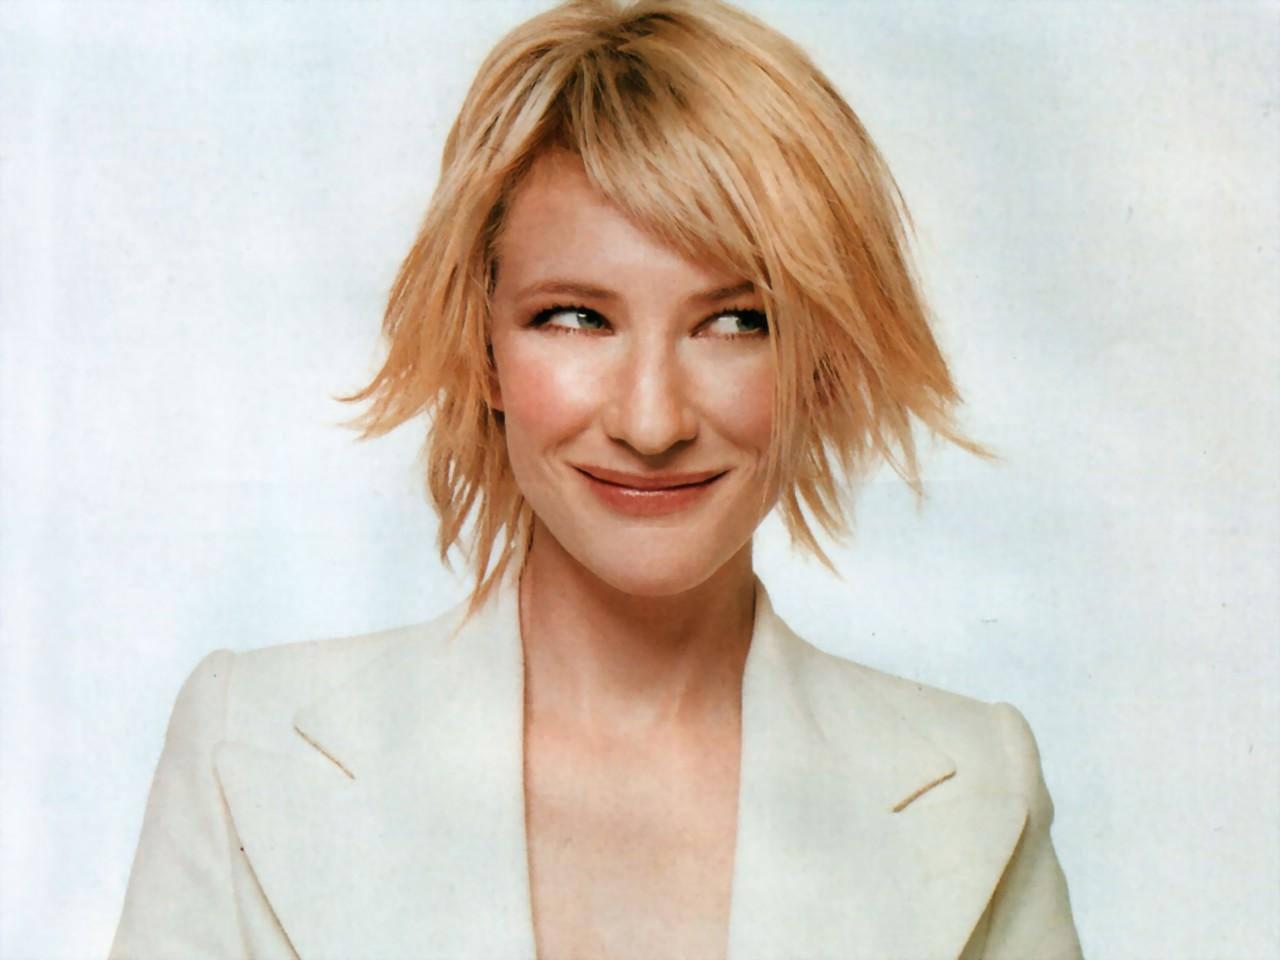 http://1.bp.blogspot.com/_Si7zjQmZnm4/SpC0YNSqLcI/AAAAAAAAEtM/IoDoKX0PaOc/s1600/Fullwalls.blogspot.com_Cate_Blanchett%2820%29.jpg